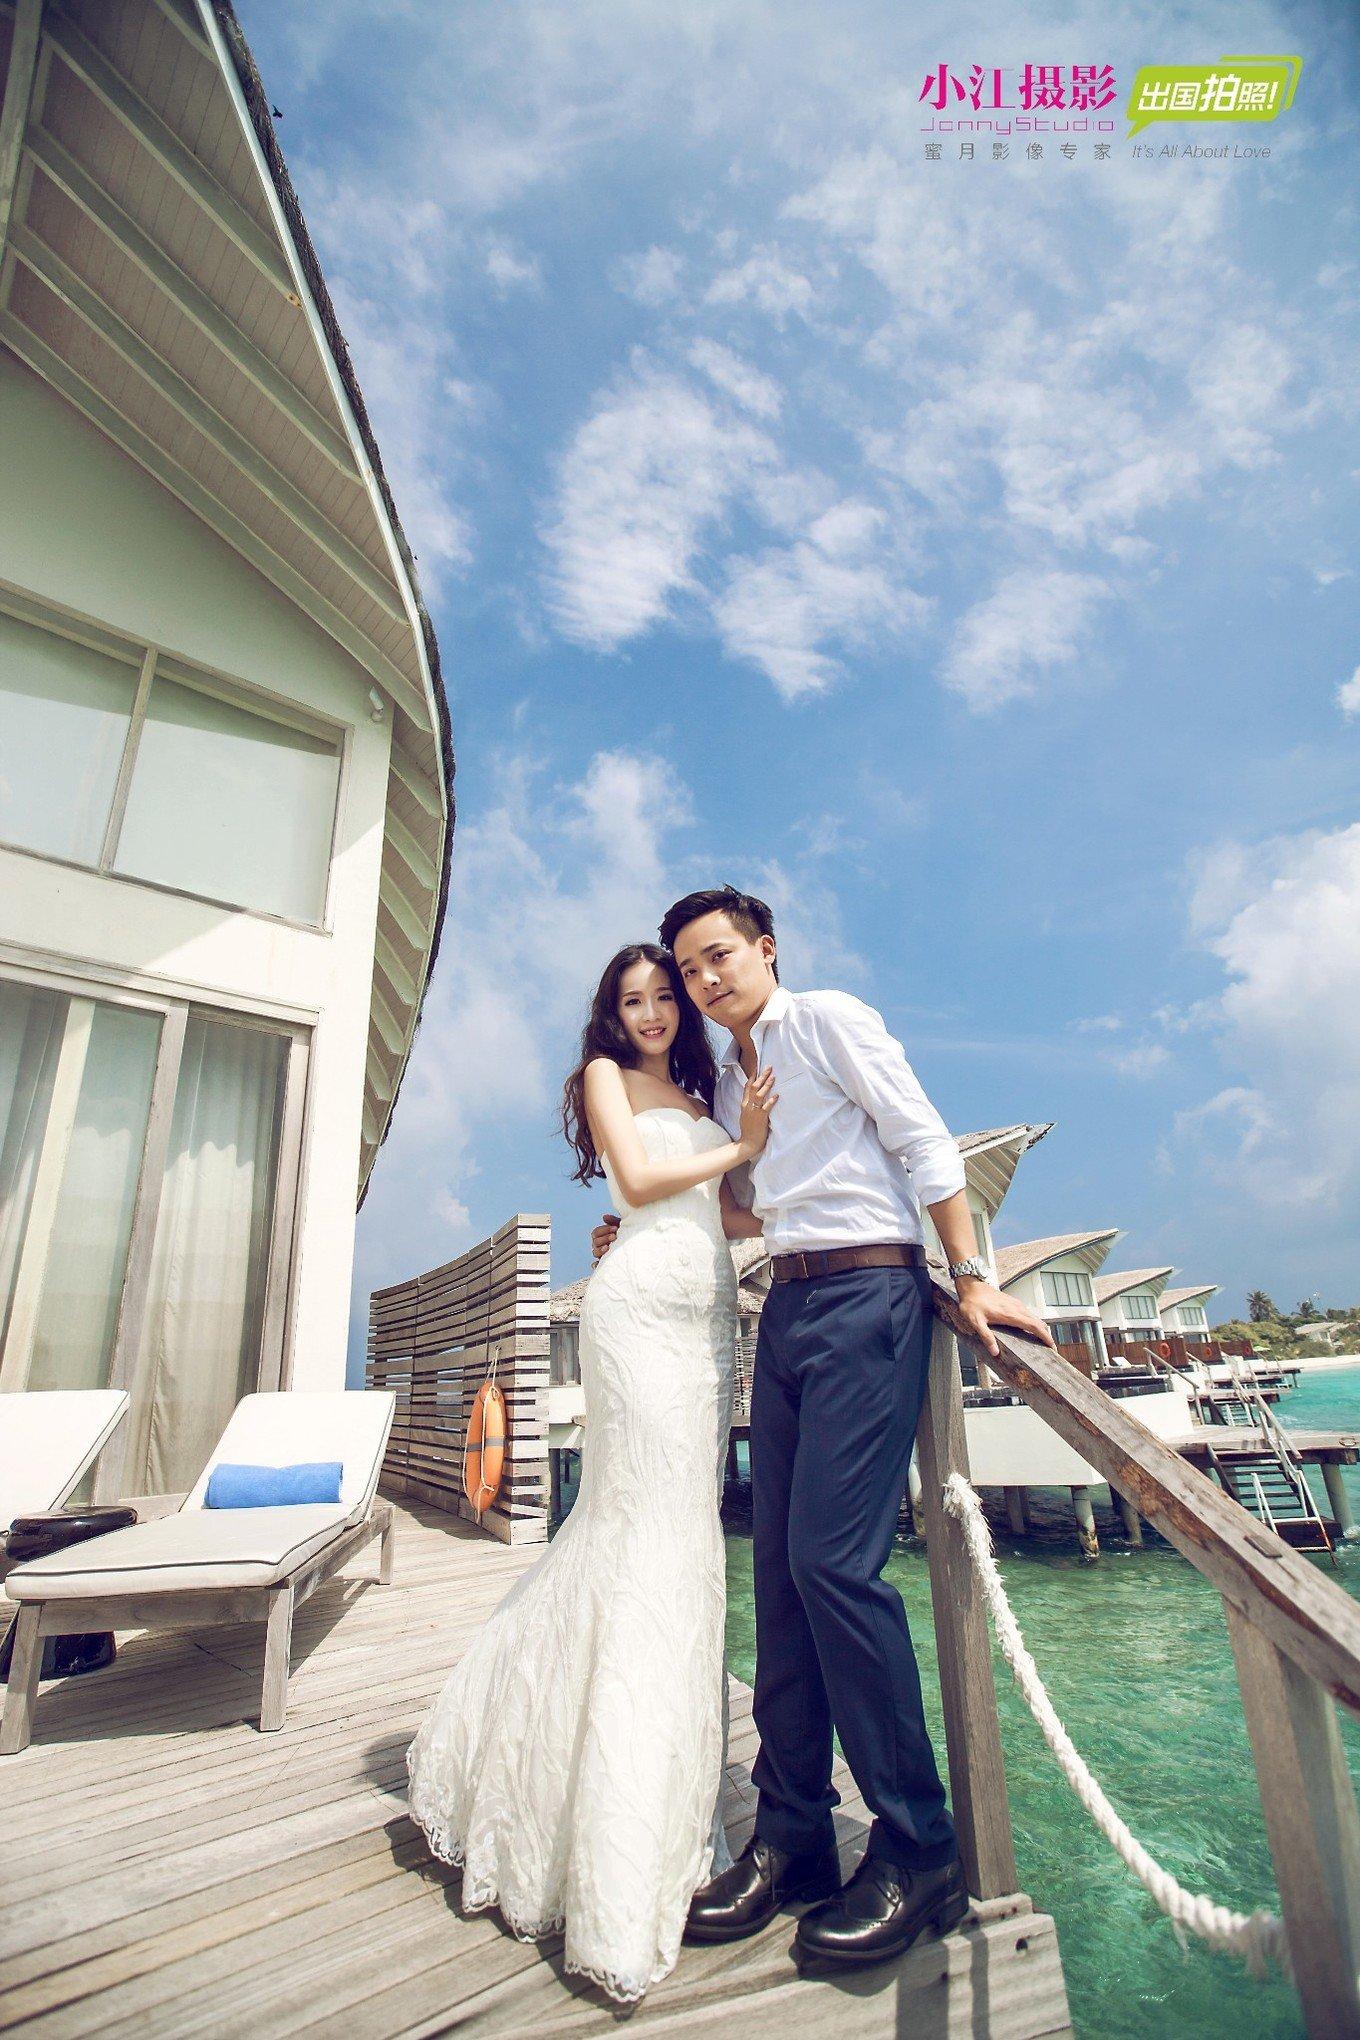 印度洋上三明珠(第一站): 婚纱旅拍の马尔代夫总督岛Viceroy